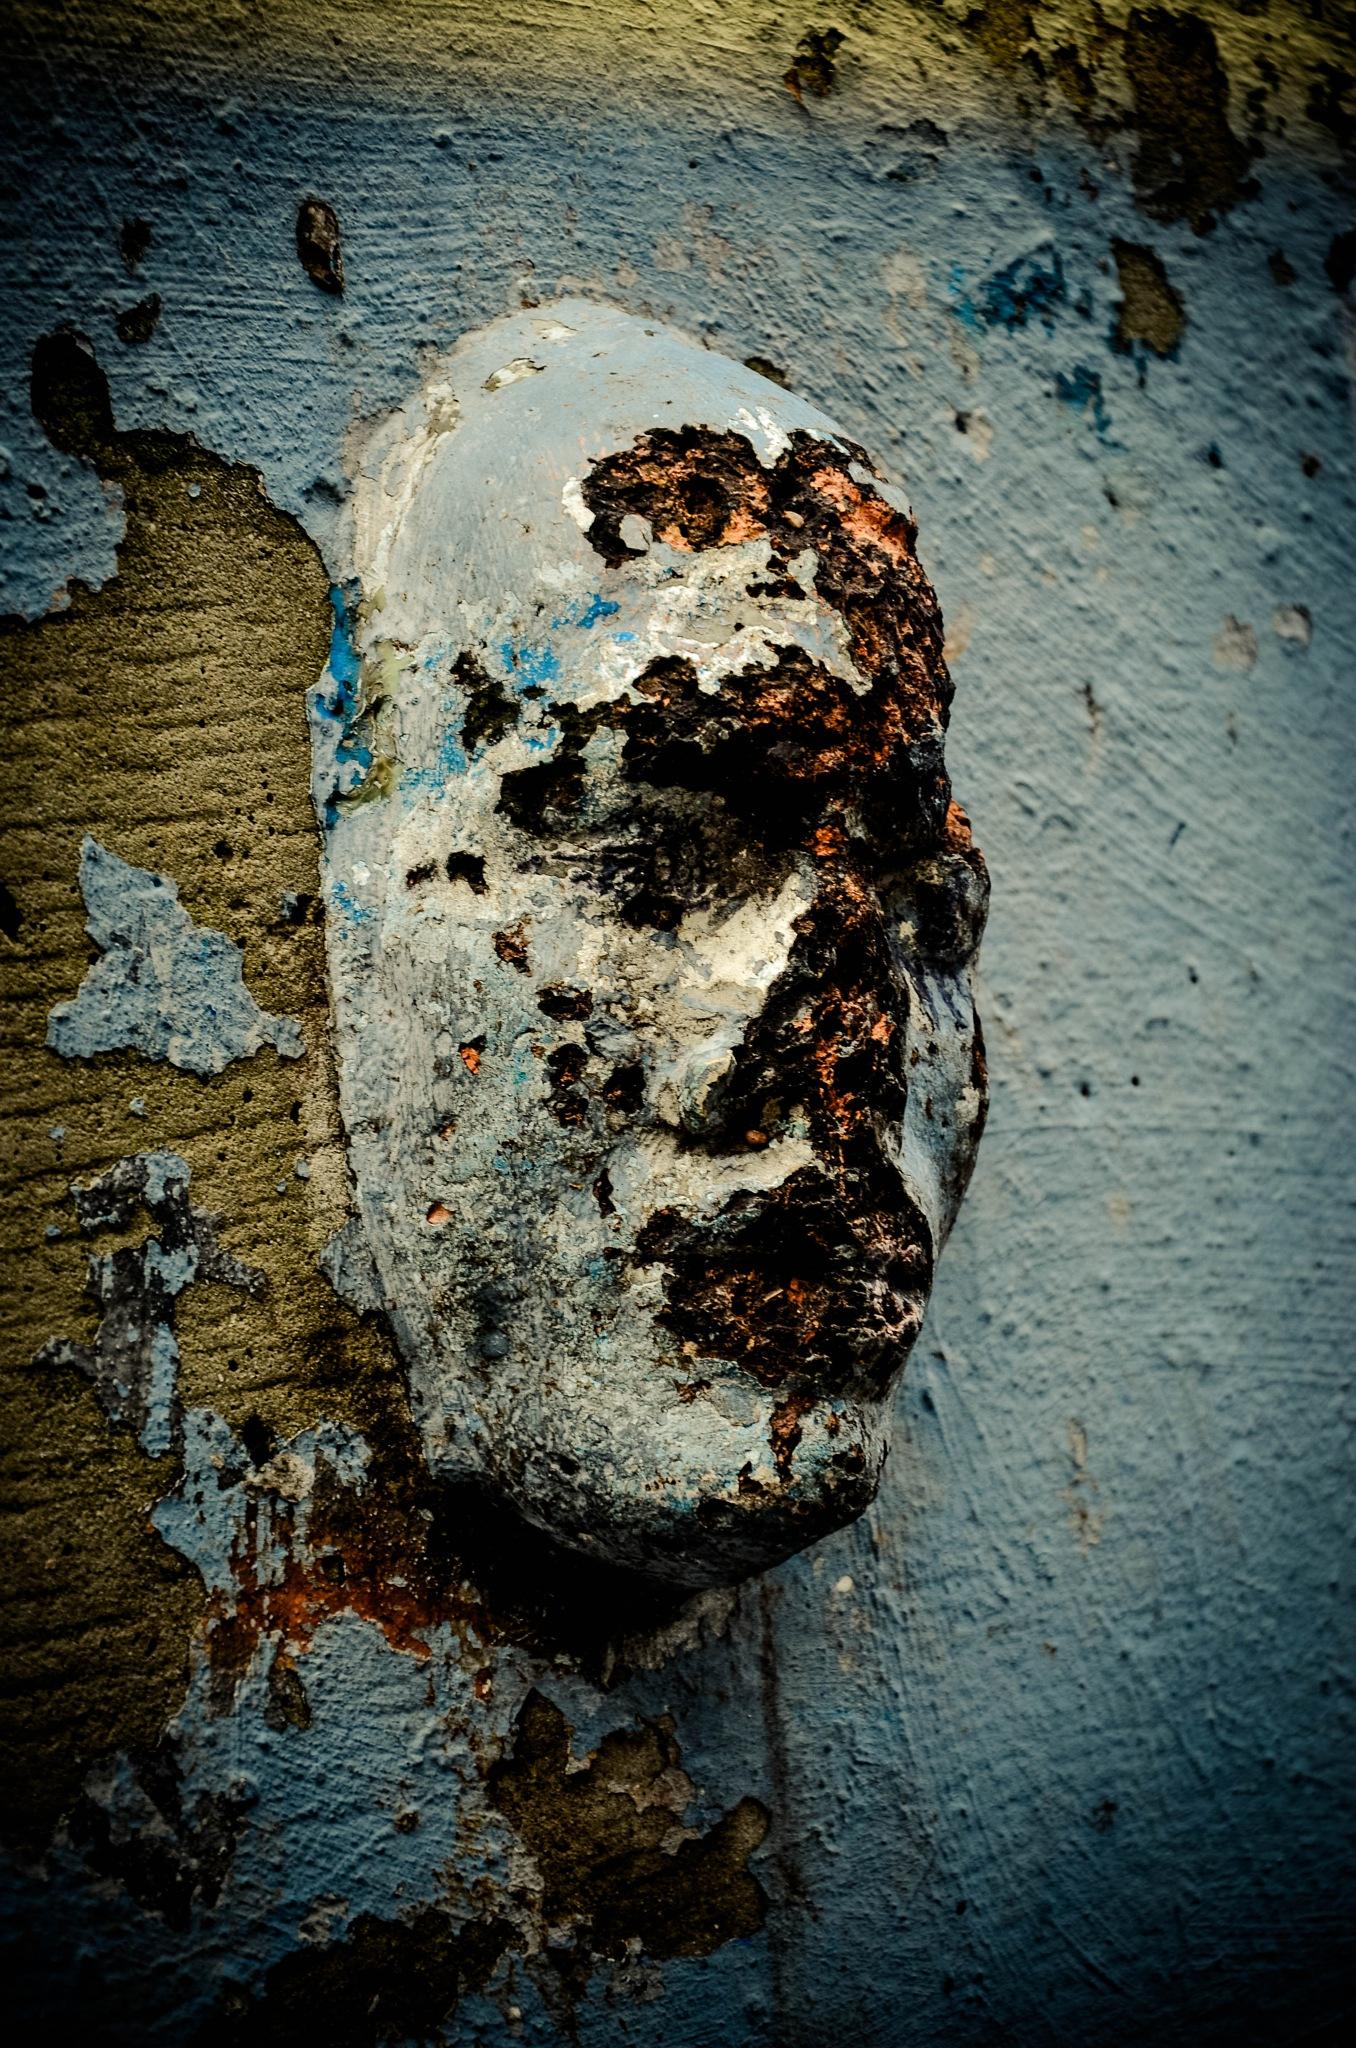 The Mask of Obs by debbielott